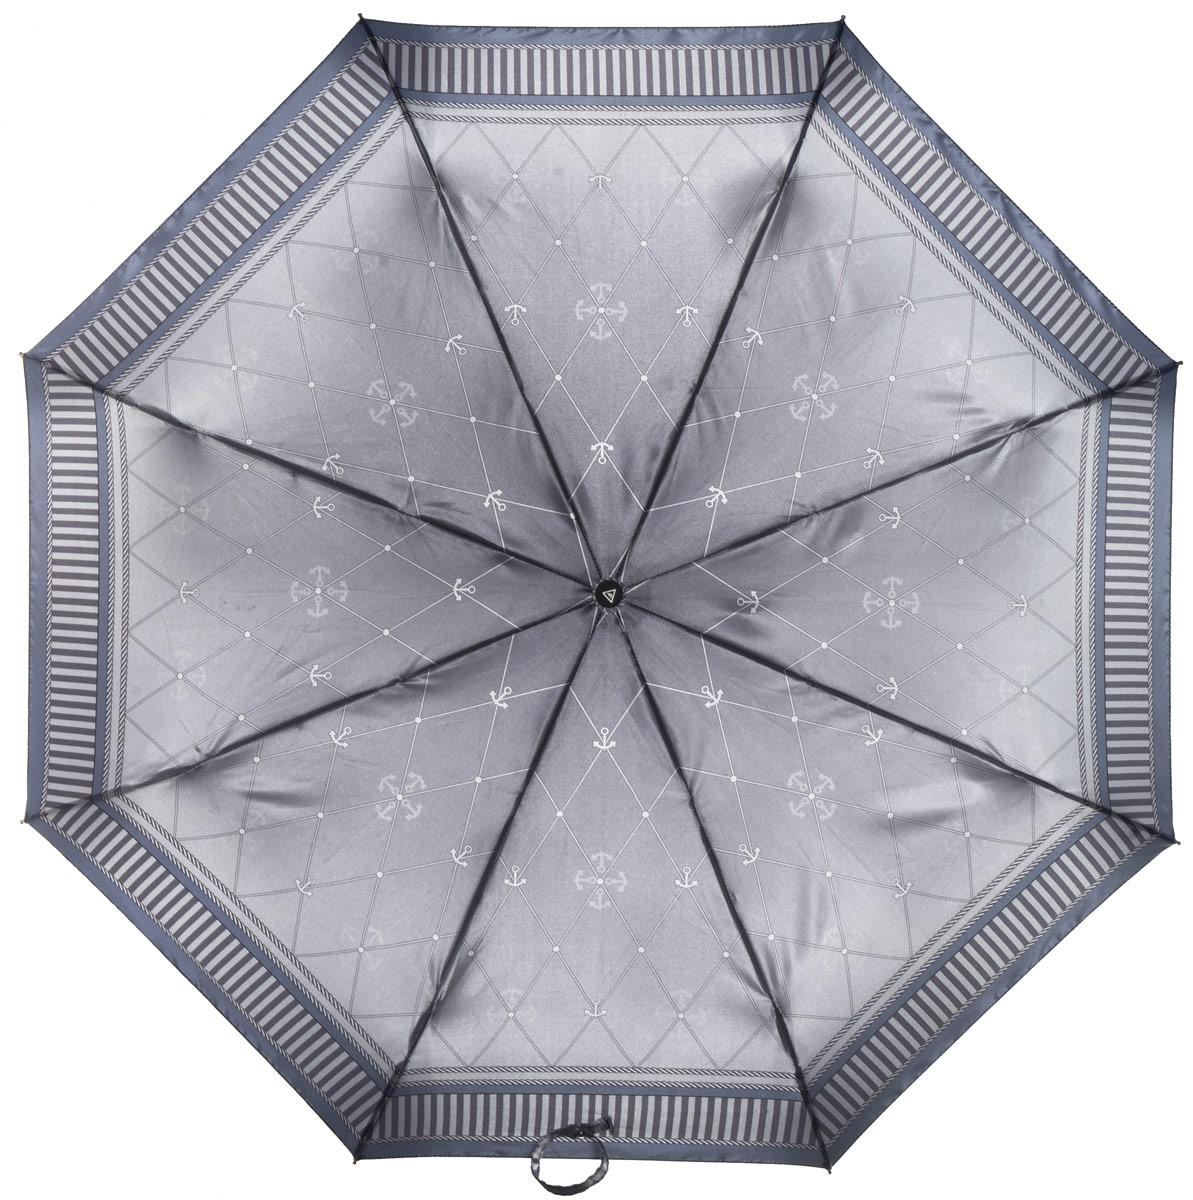 Зонт женский Fabretti, полный автомат, 3 сложения, цвет: серый. S-16100-3S-16100-3Зонт женский Fabretti, суперавтомат, 3 сложения, сатин